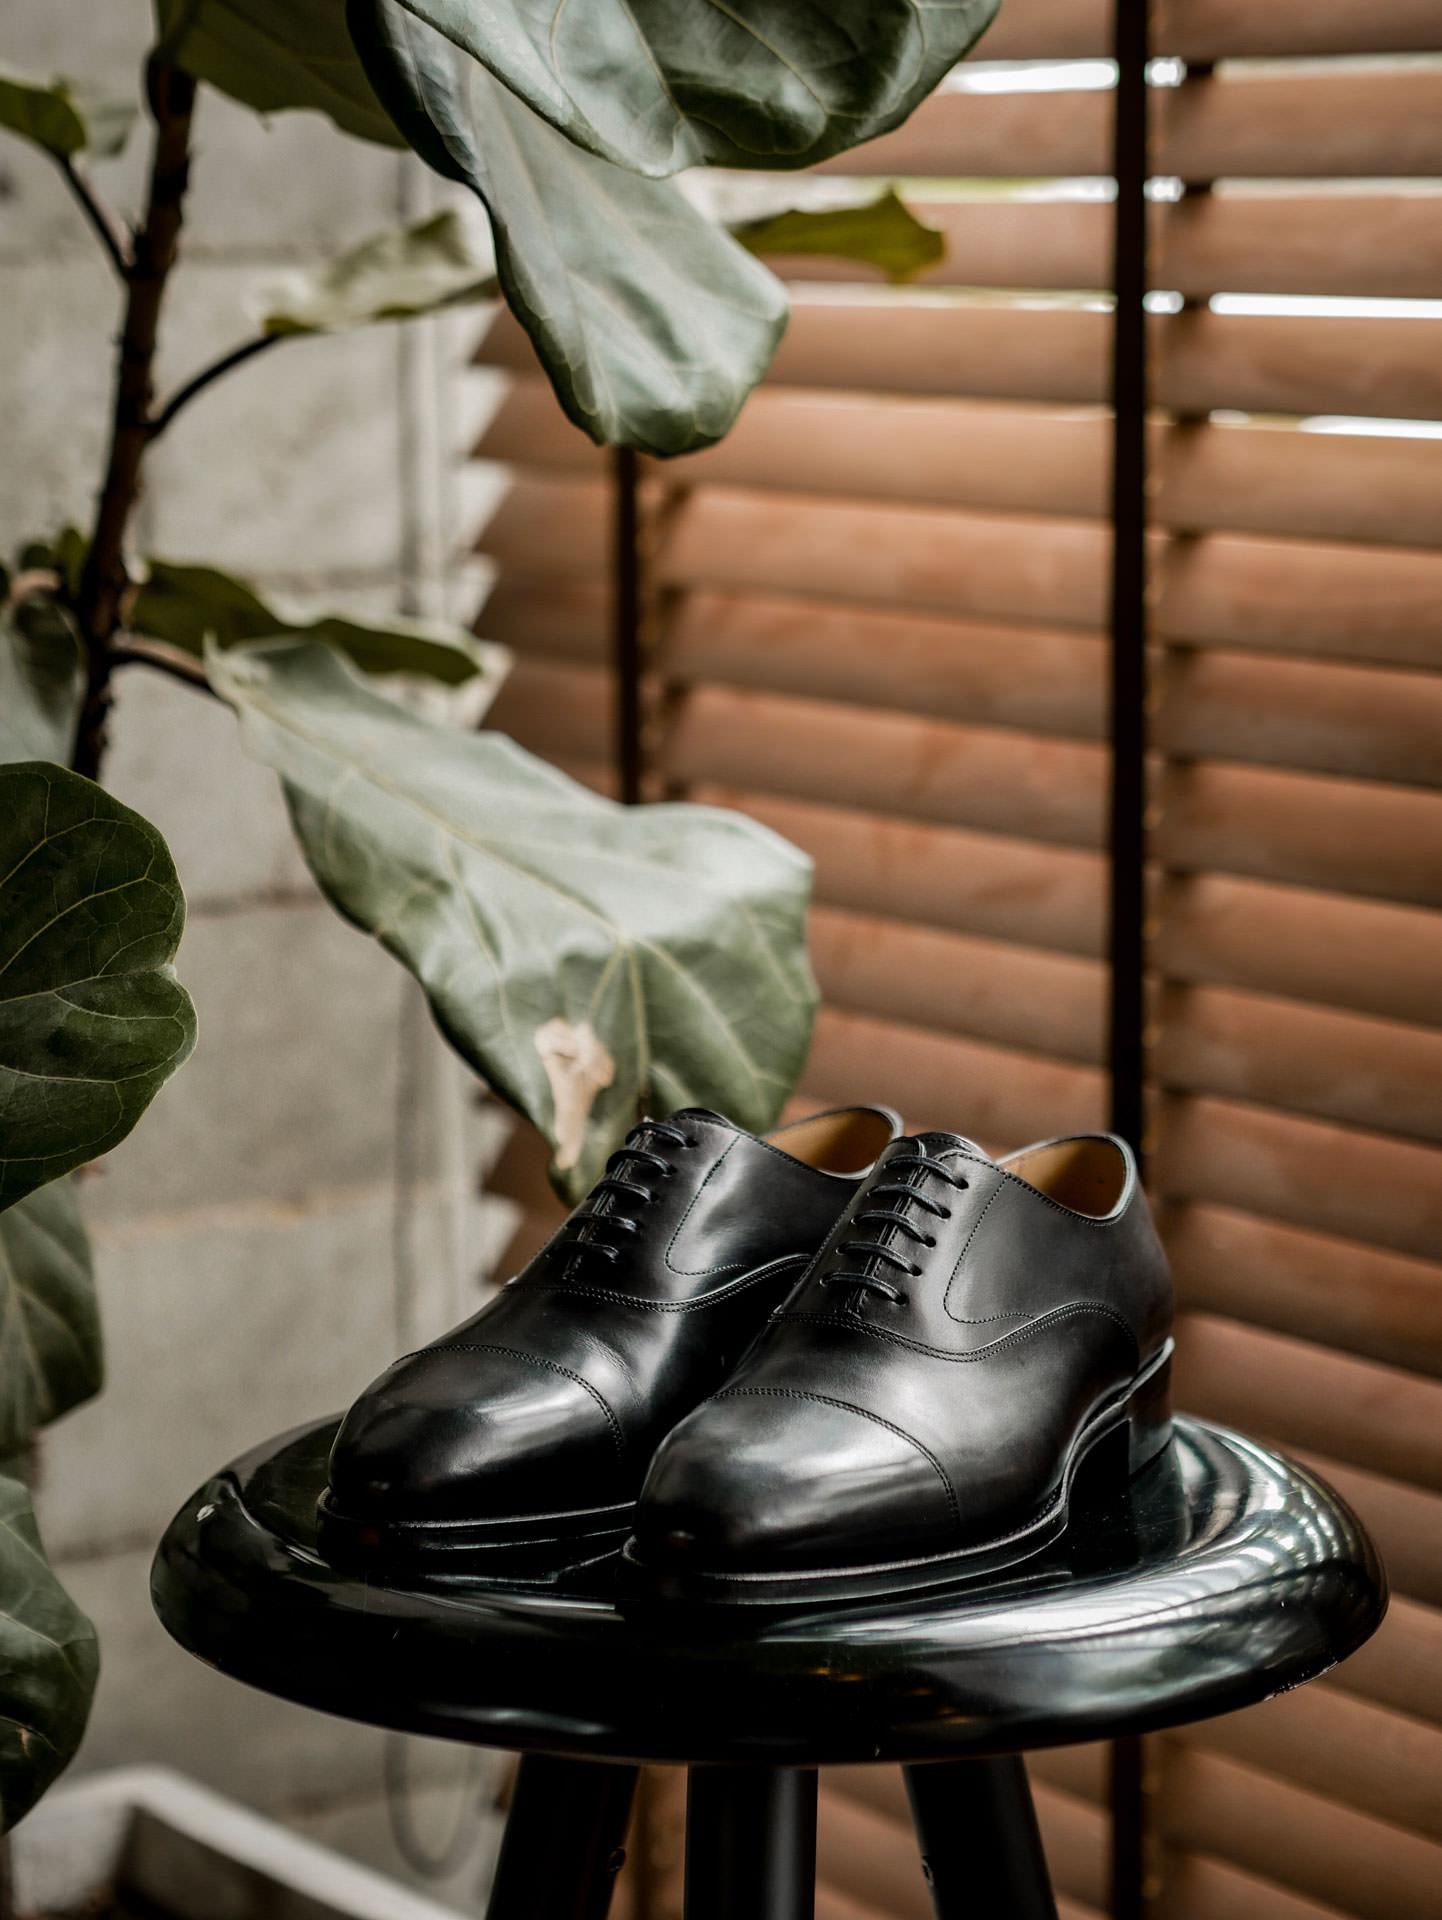 รองเท้าหนัง oxford สีดำ จาก Fugashin